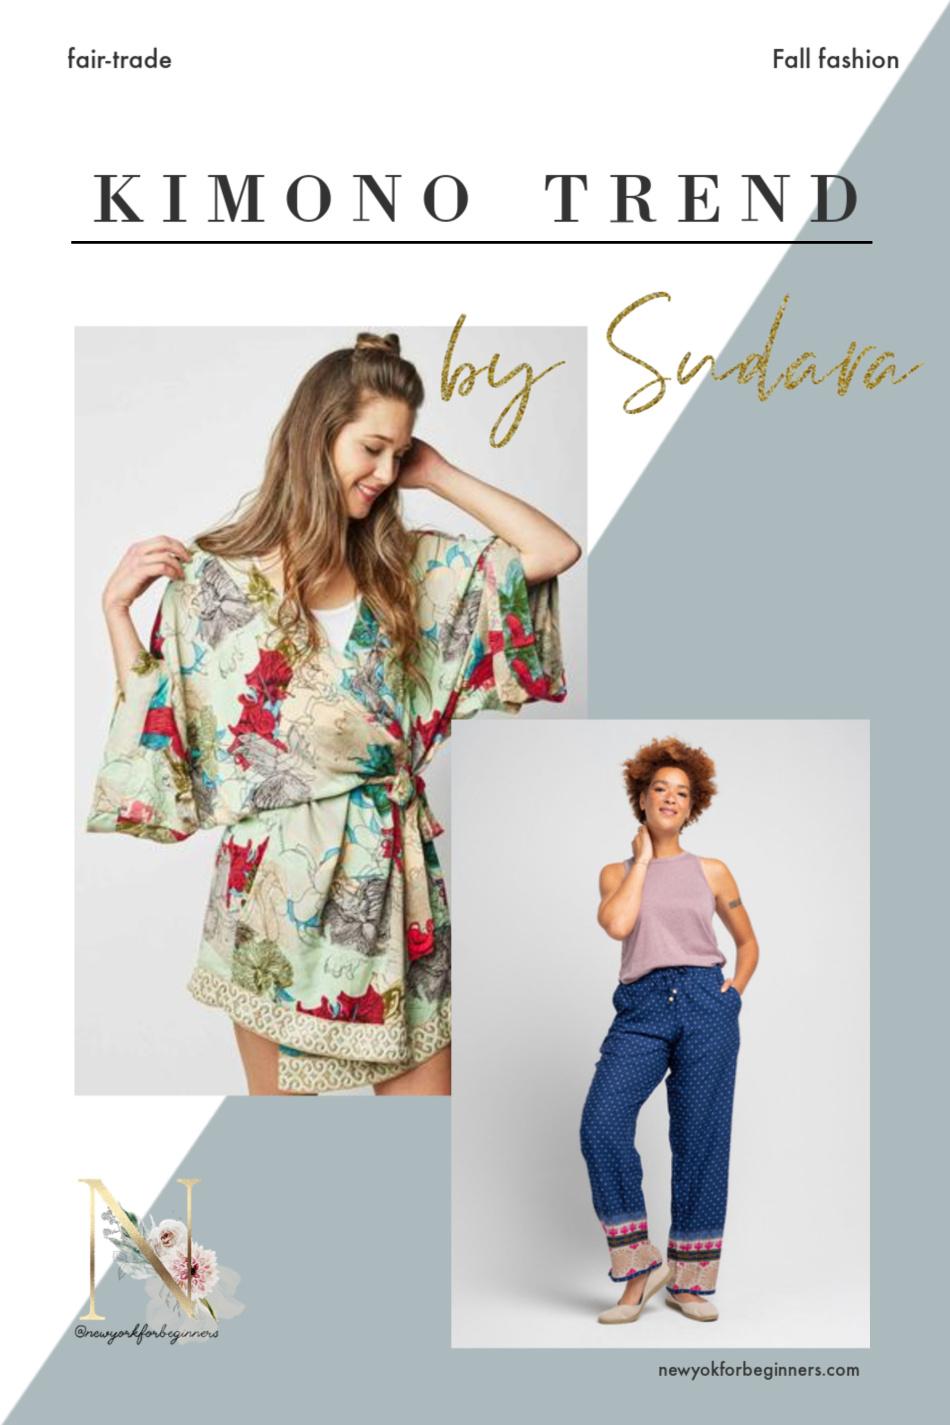 The Kimono Trend by Sudara